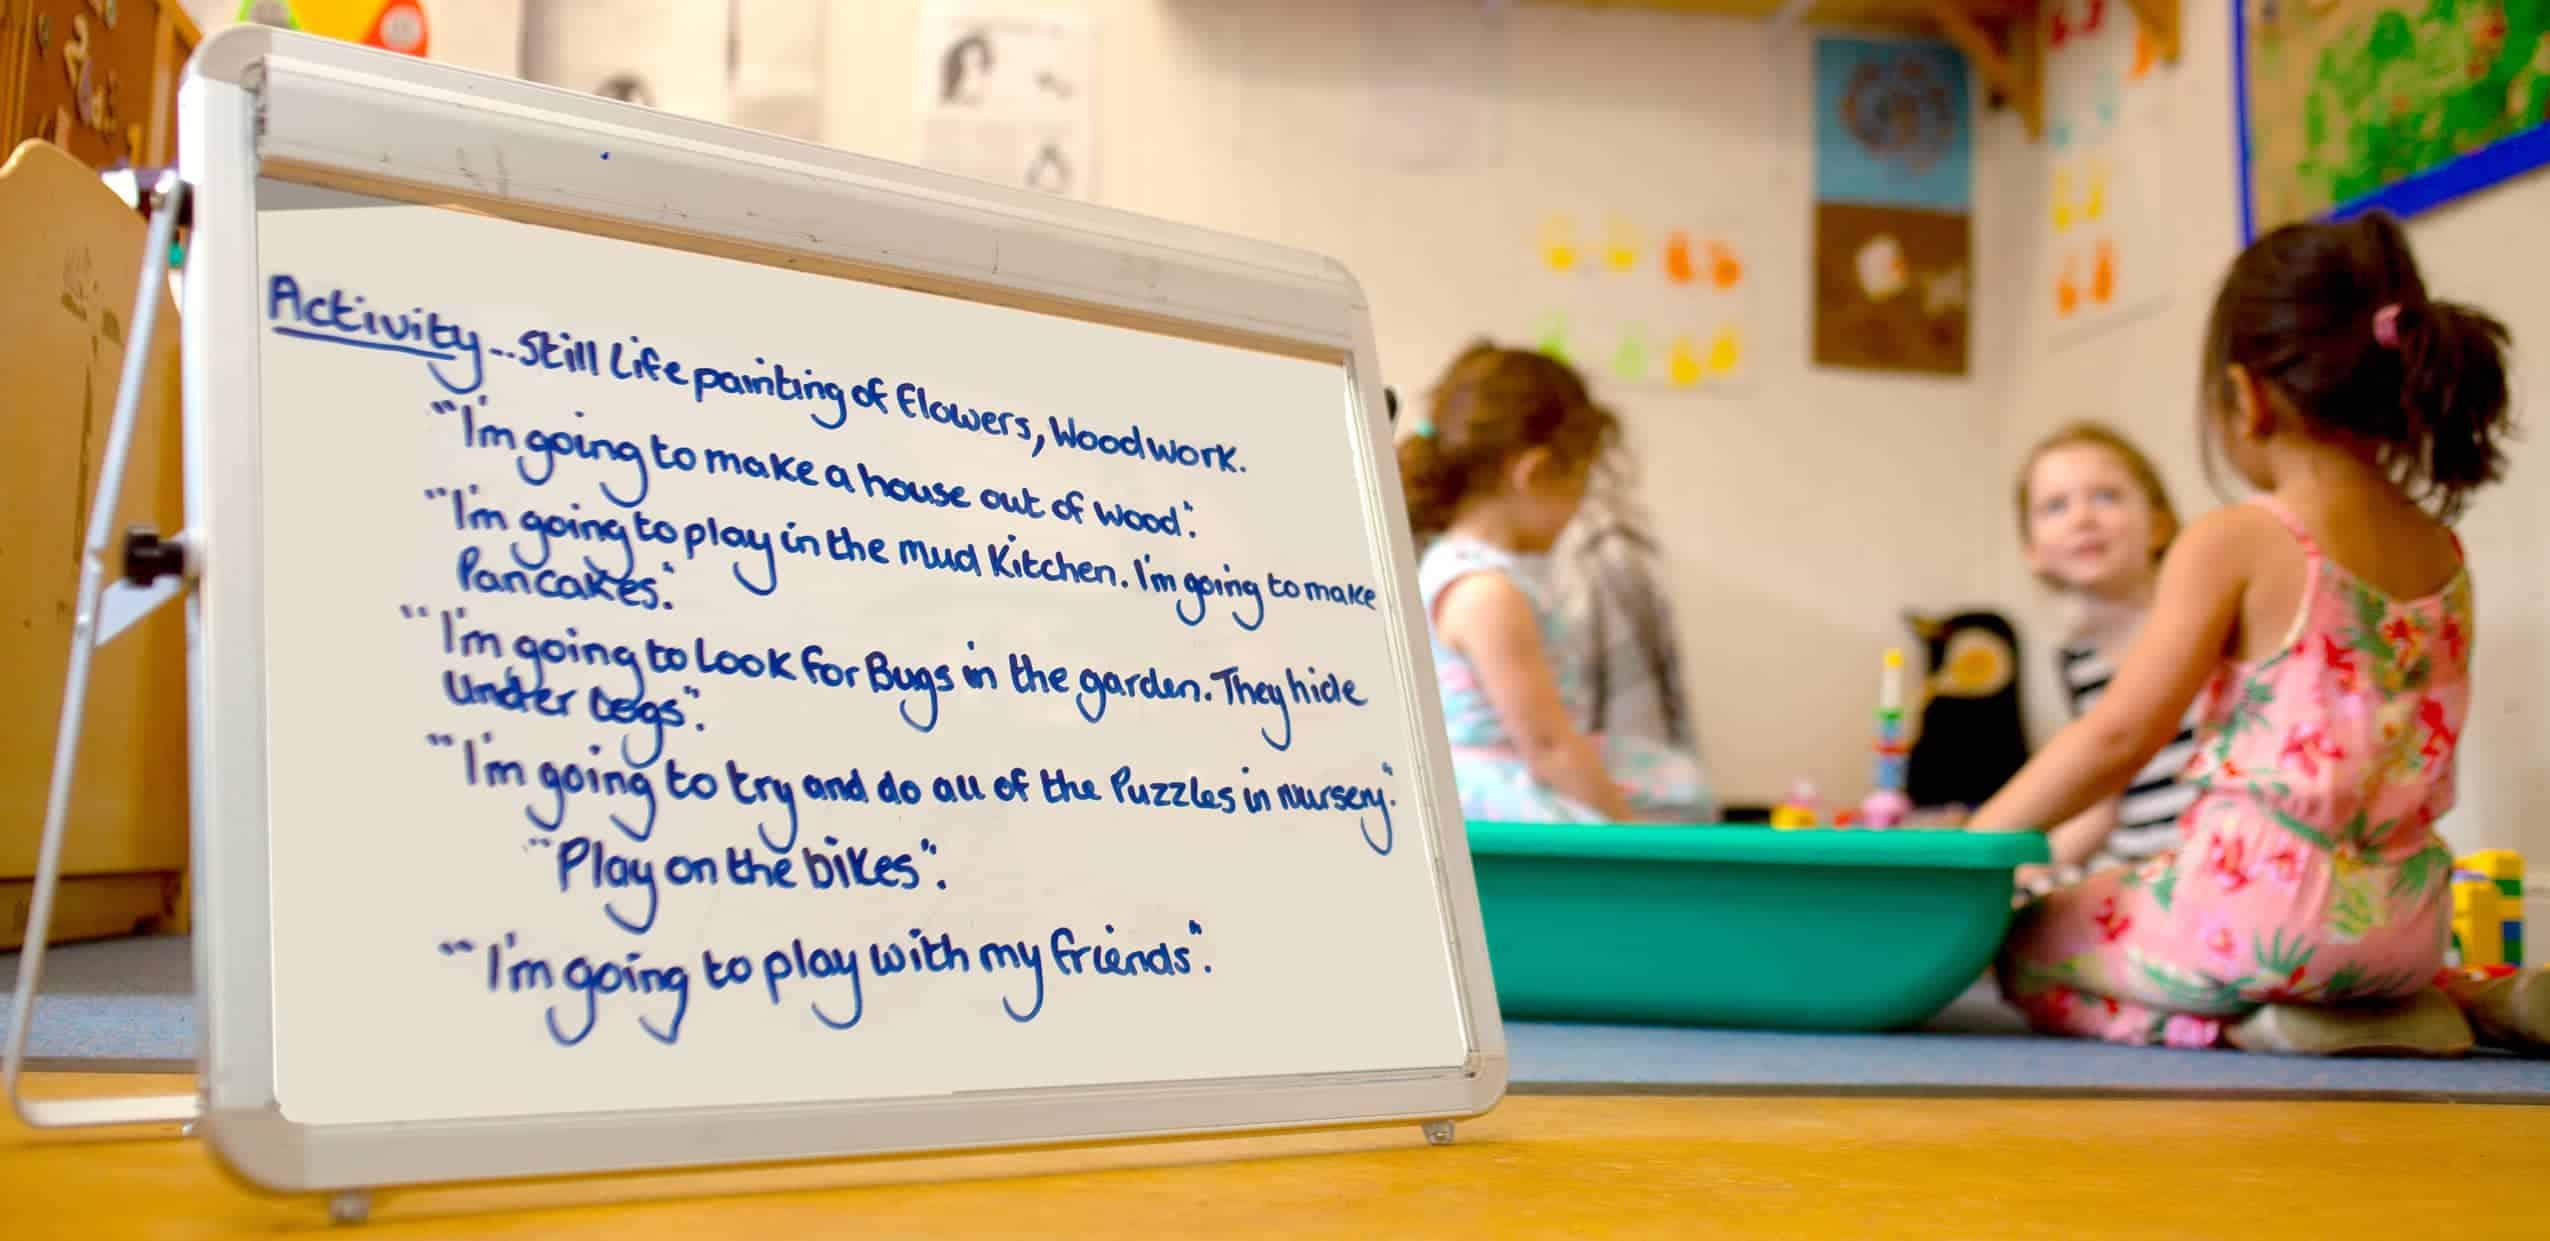 Children's daily statement activity list with three children in the background